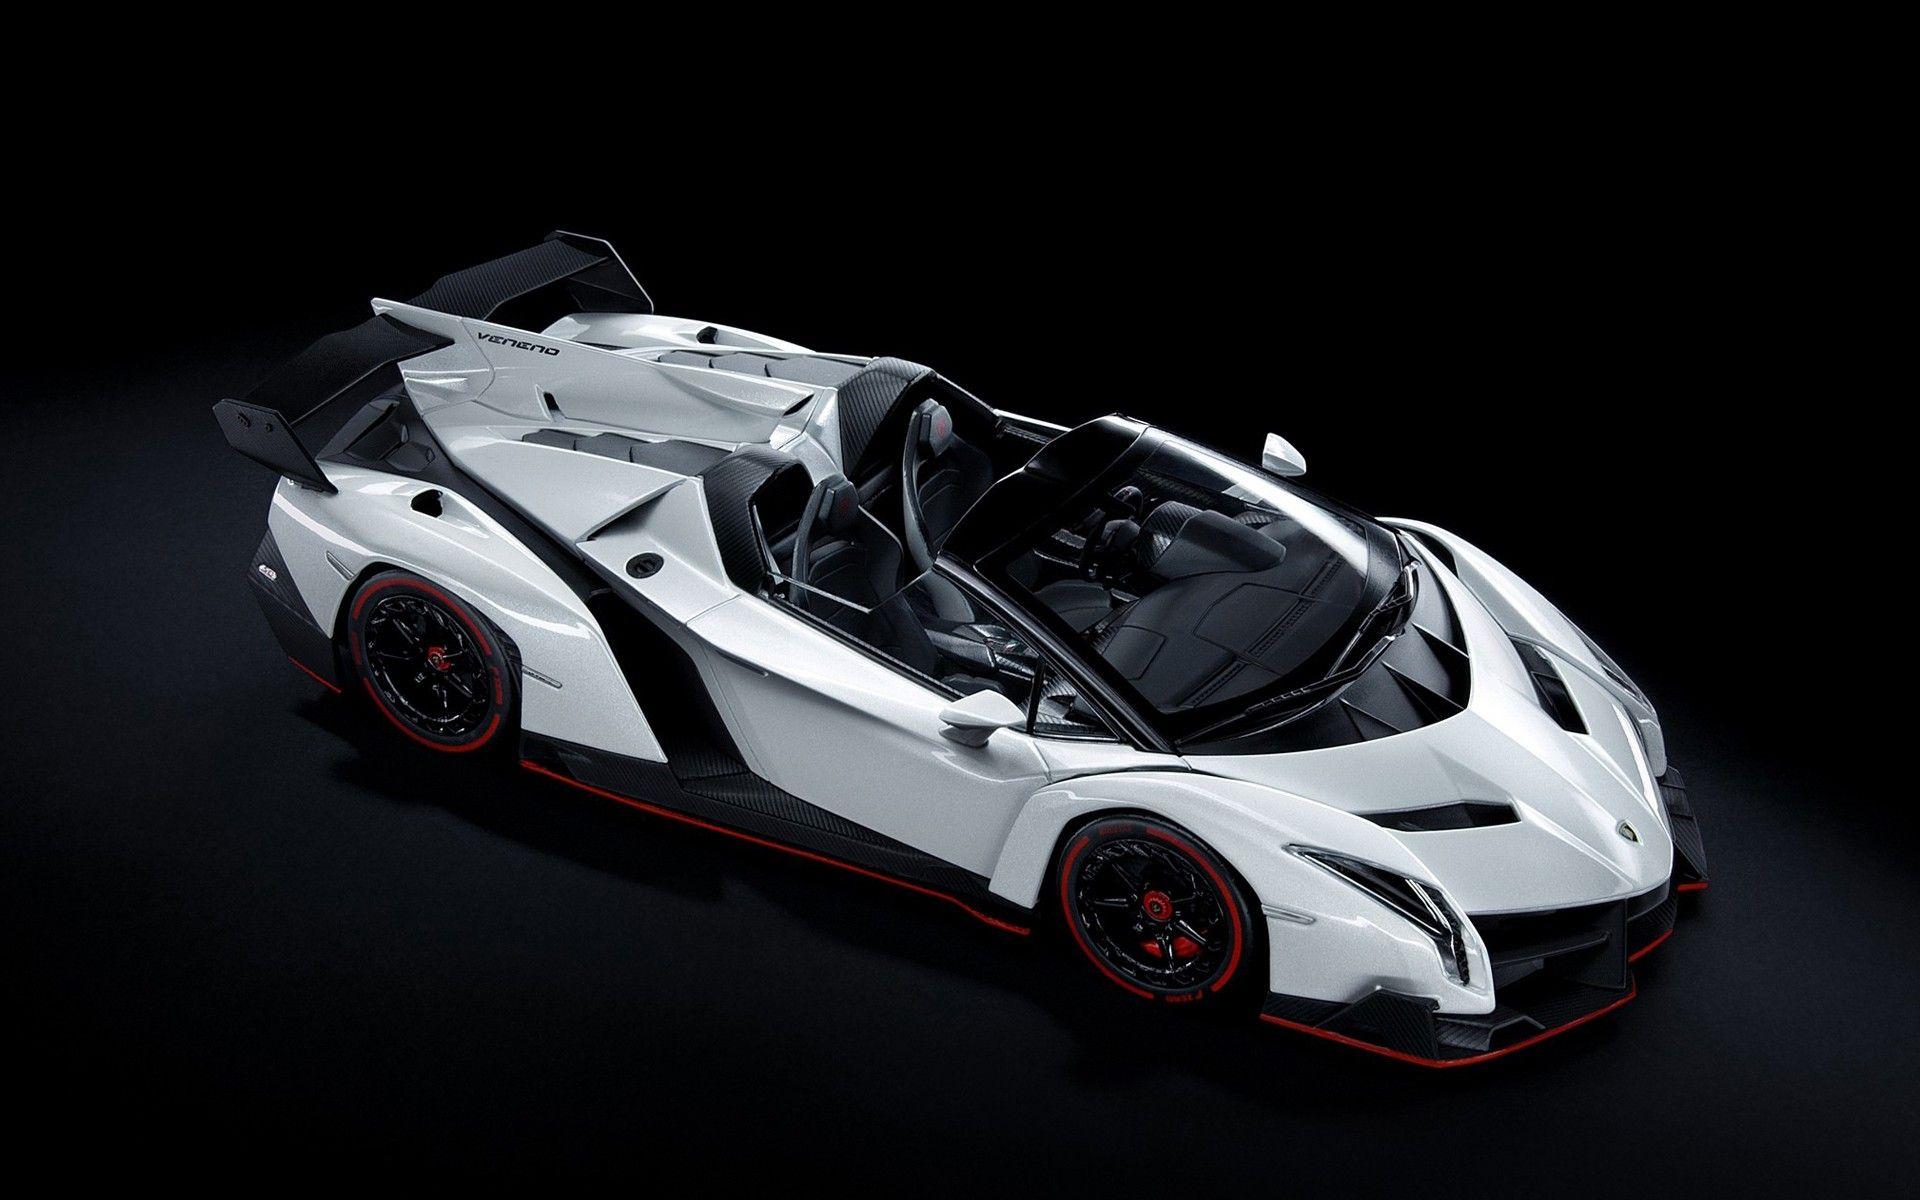 Image For Lamborghini Veneno White Car Wallpaper Hd Lamborghini